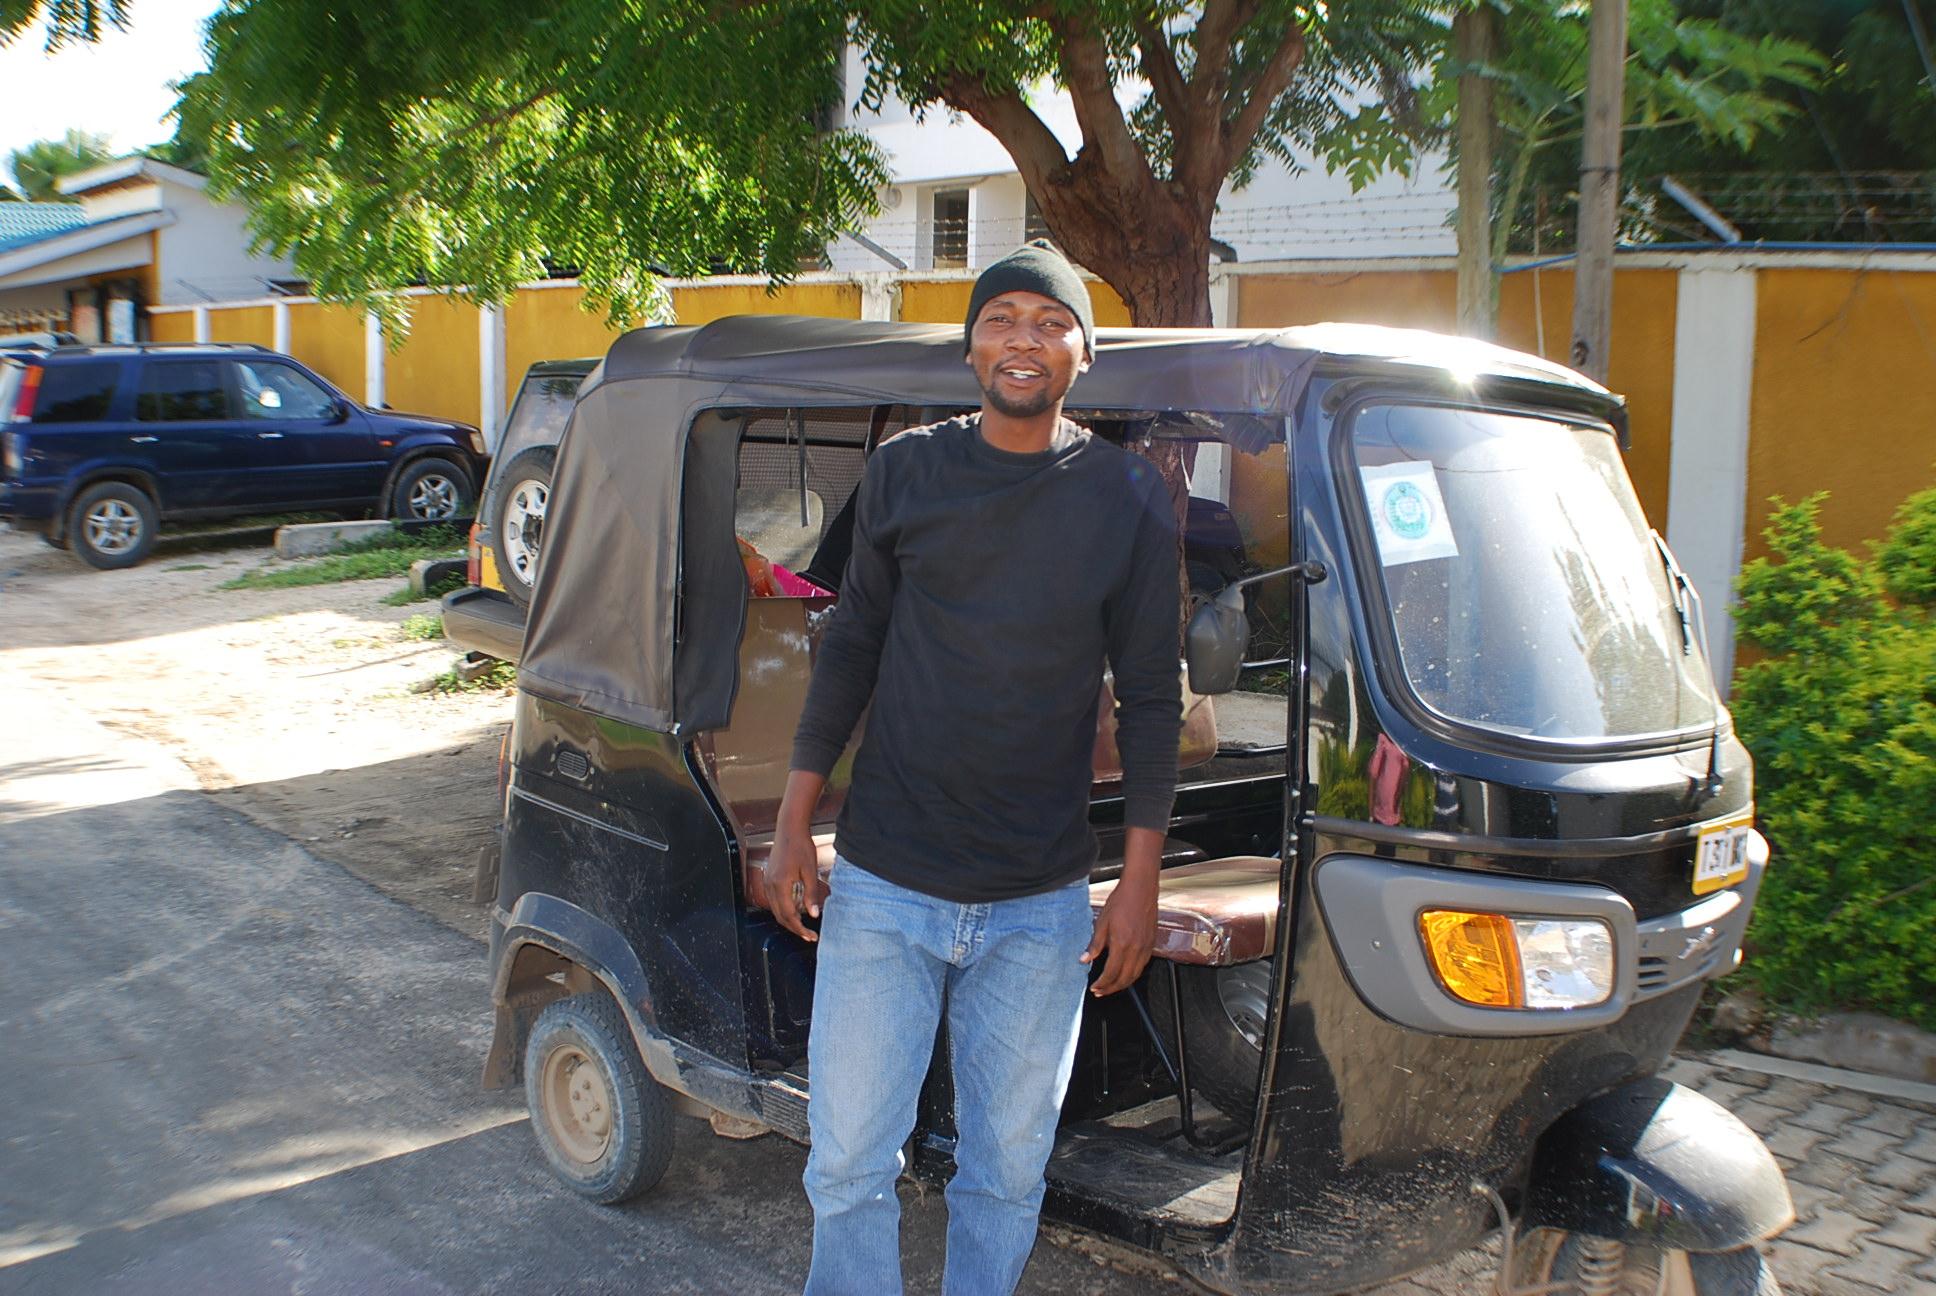 Indian Bajaj Manufacturer Starts Local Assembling of Auto Rickshaws